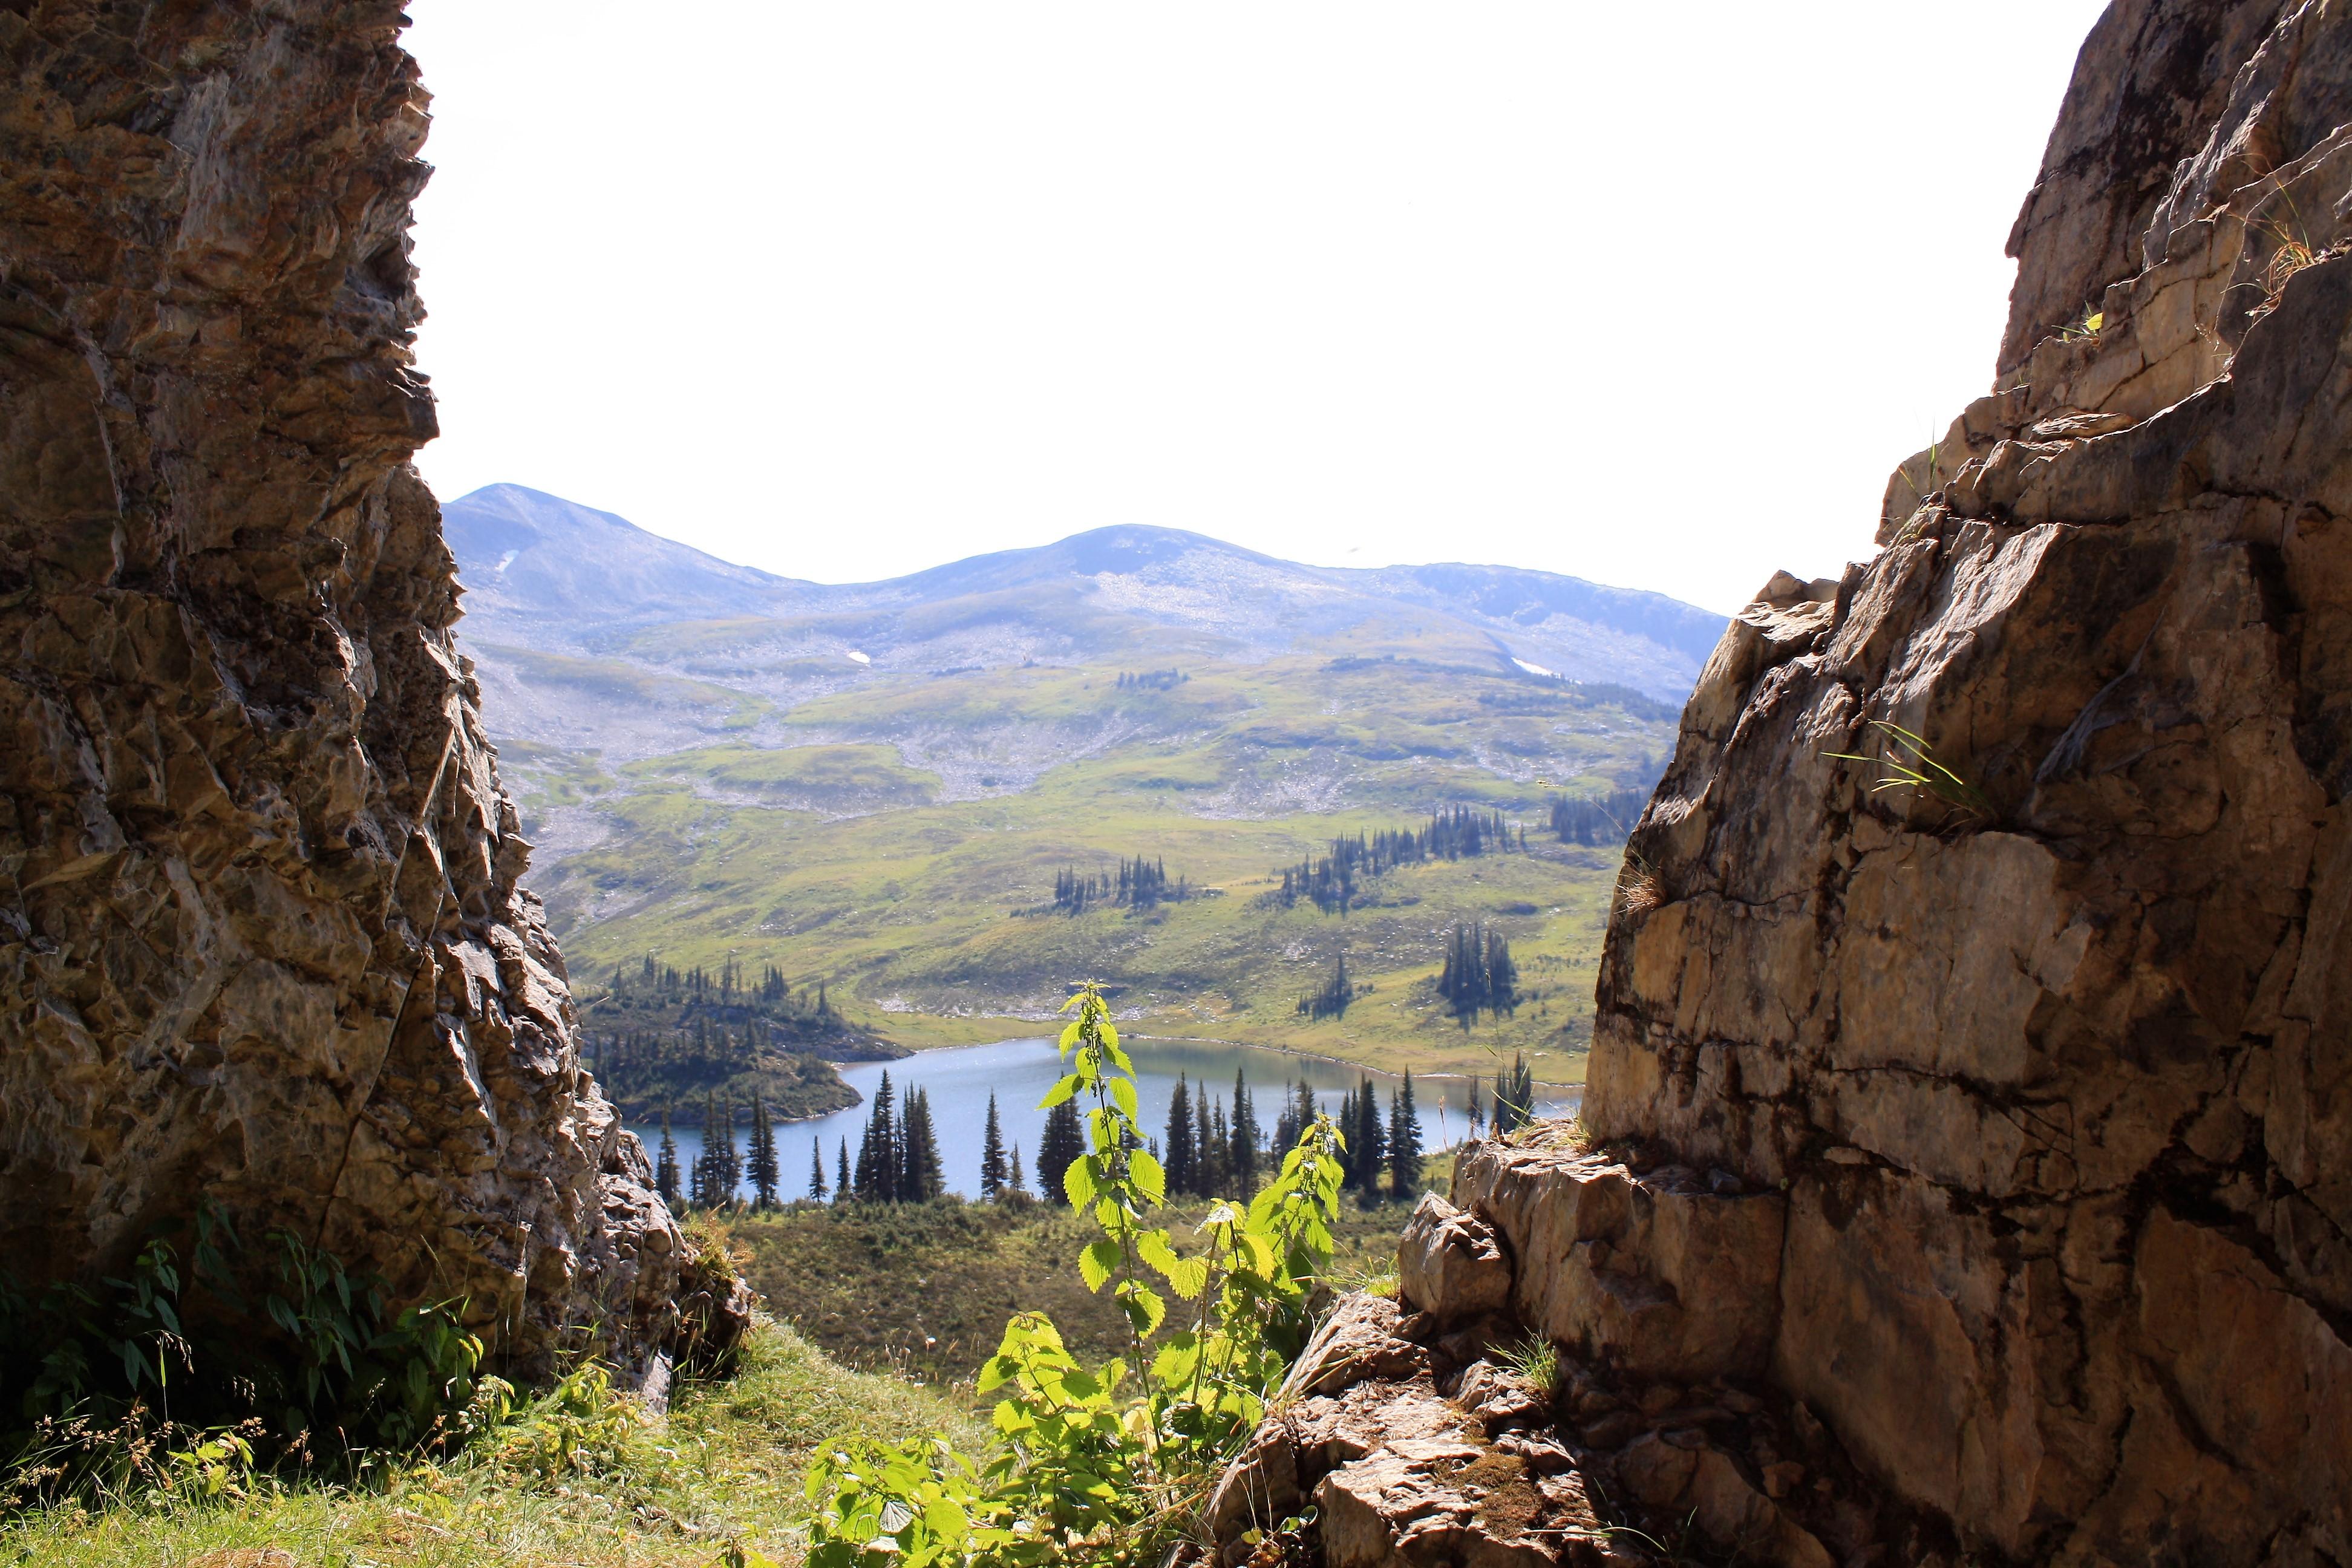 DM_nature_landscape_fangmountain_6911